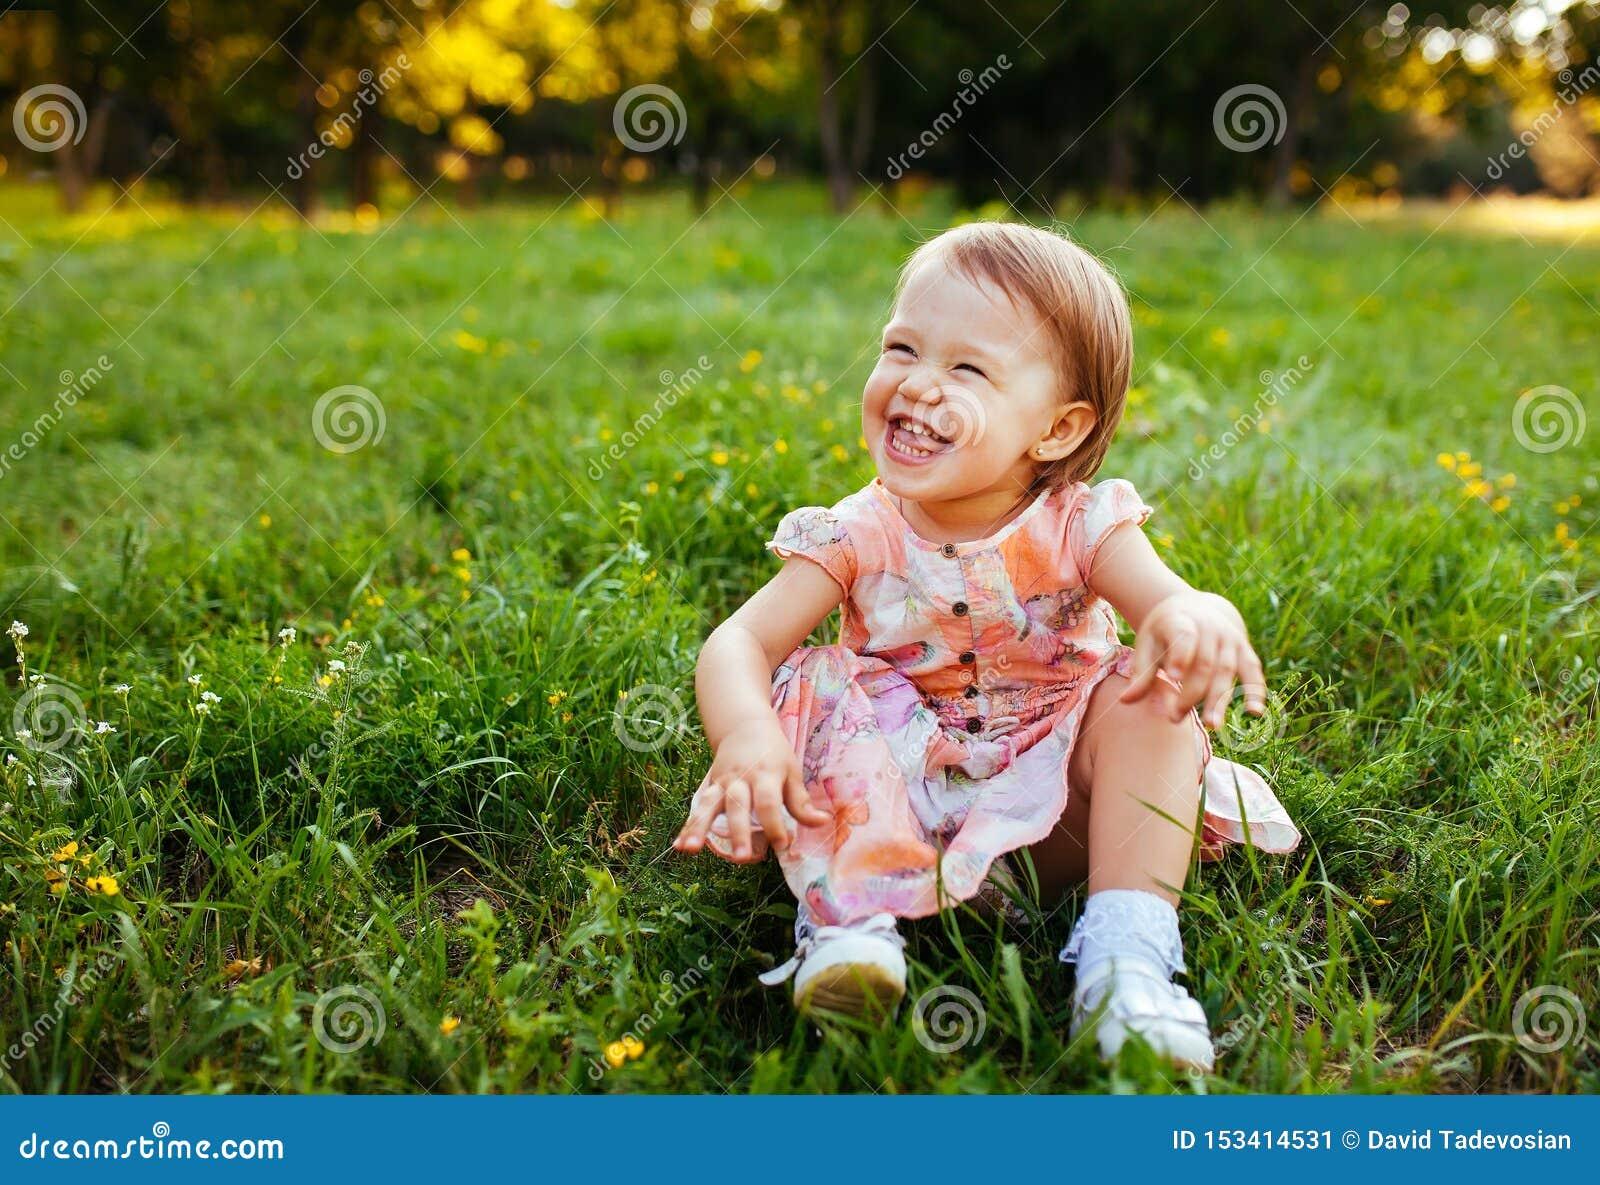 Συνεδρίαση μικρών κοριτσιών στη χλόη στο πάρκο